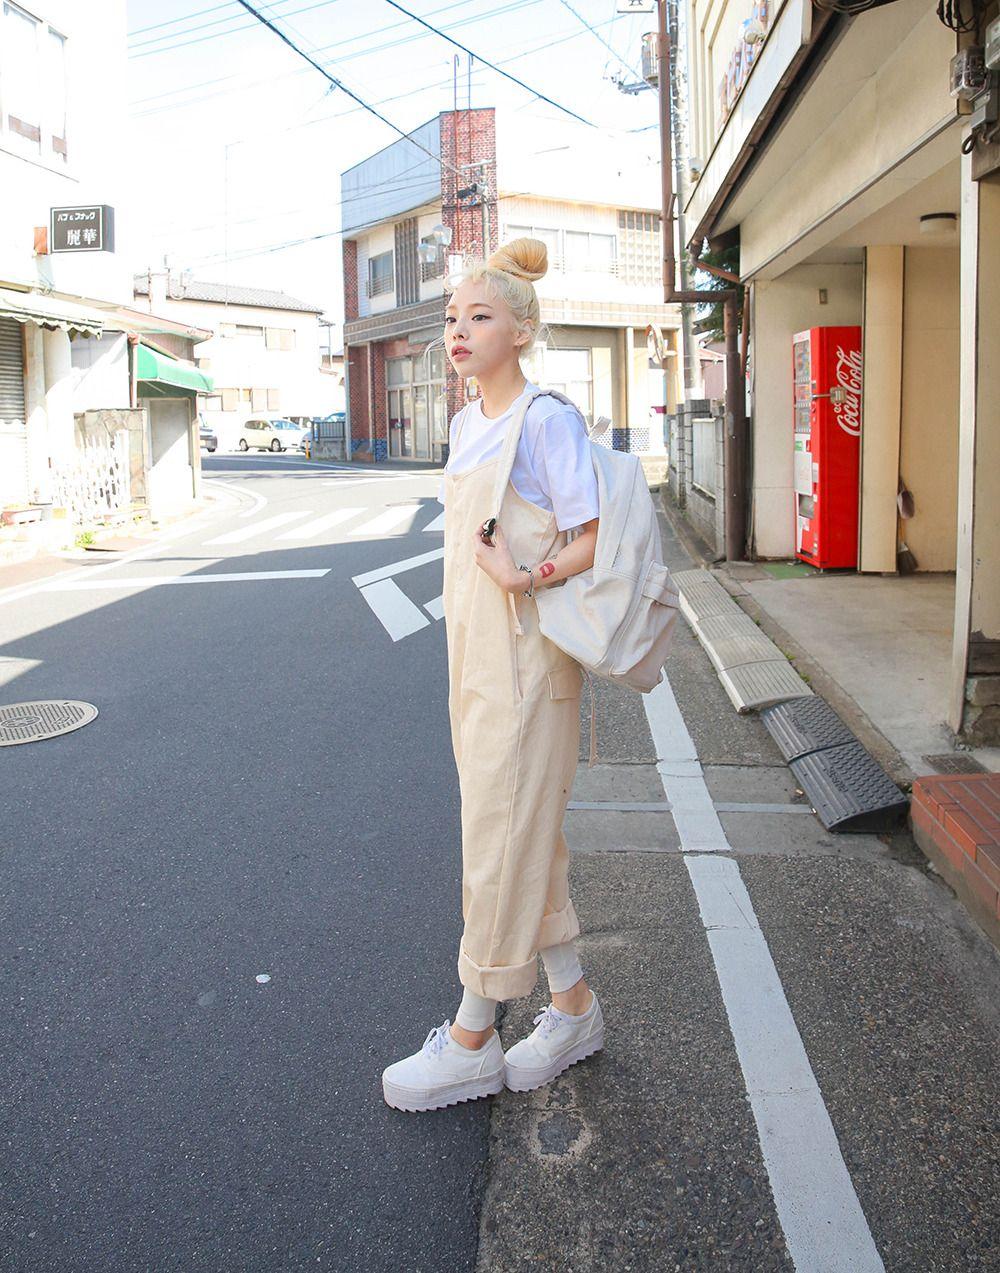 Kfashion Blog Korean Fashion Seasonal Fashion Korean Fashion Pinterest Korean Fashion